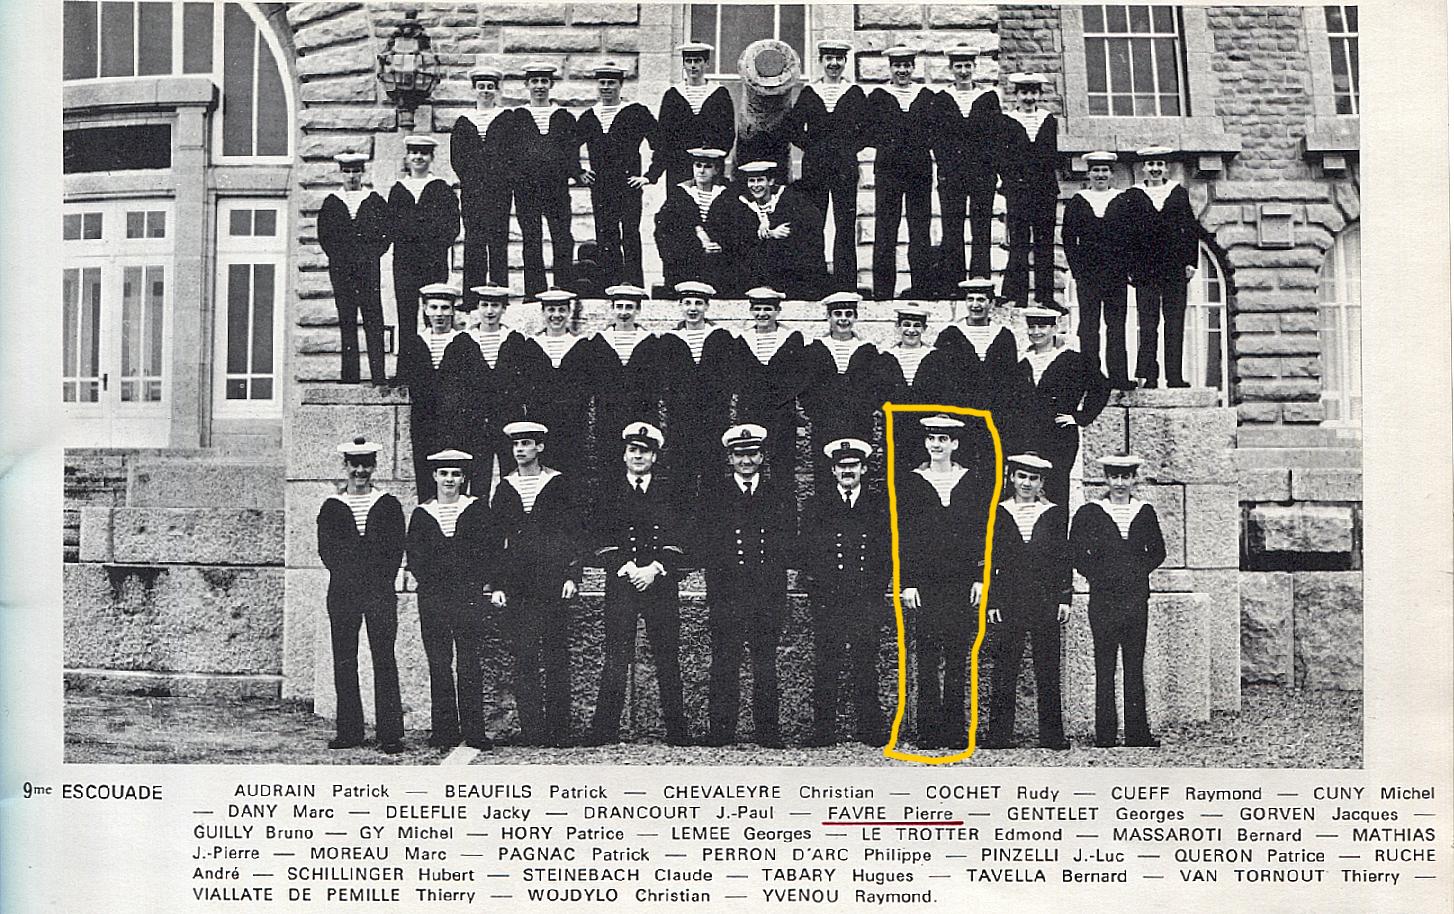 [ École des Mousses ] Écoles des mousses 71/72 - Page 2 01_a_ECOLE_des_Mousses_9eme_escouade